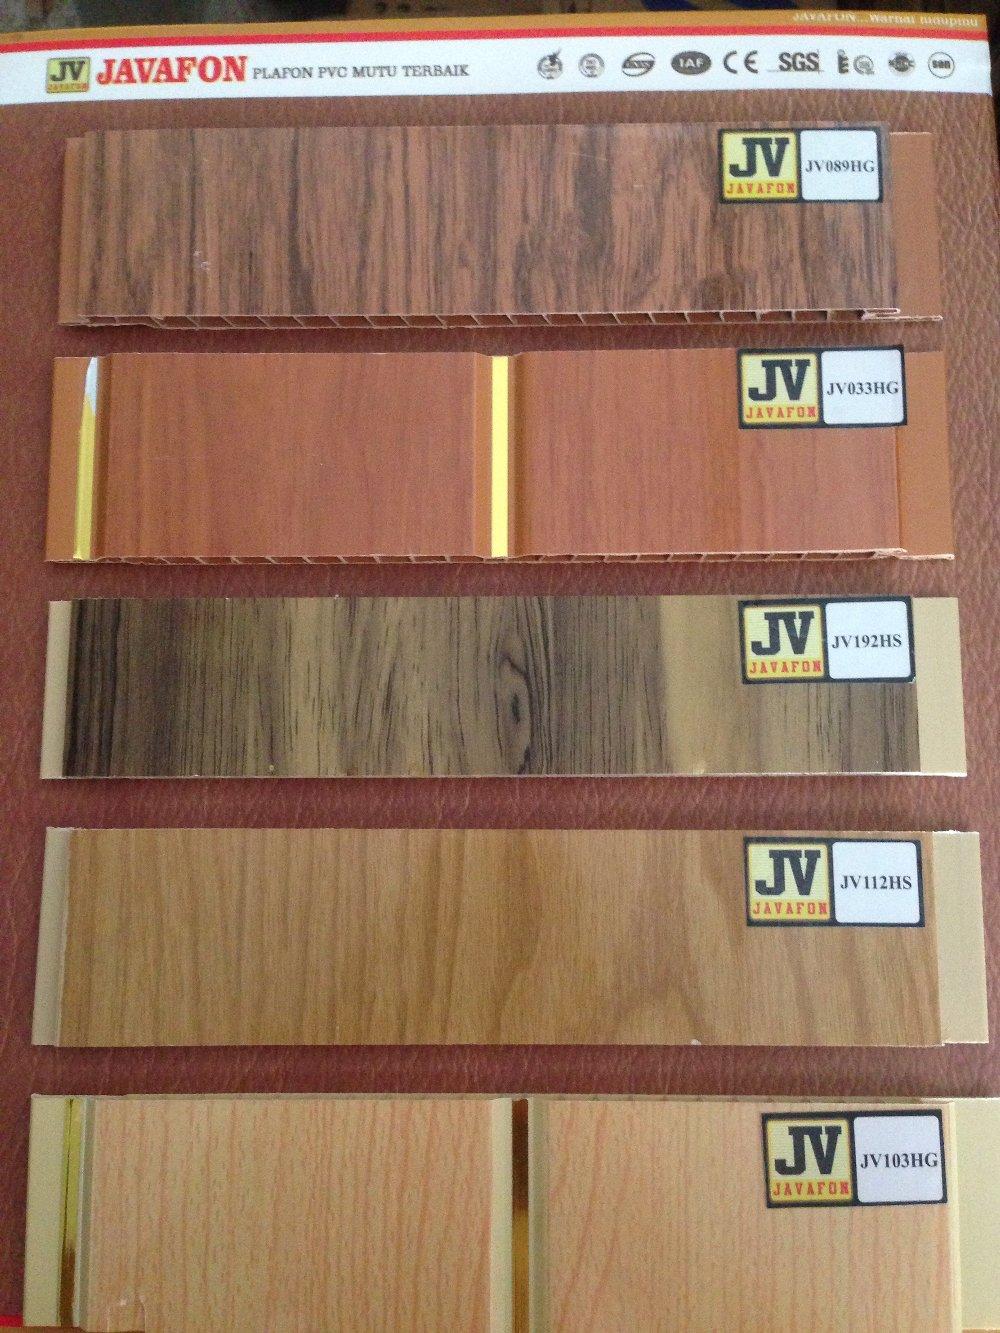 Cara Mudah Menghitung Biaya Kebutuhan Plavon PVC Per 1M